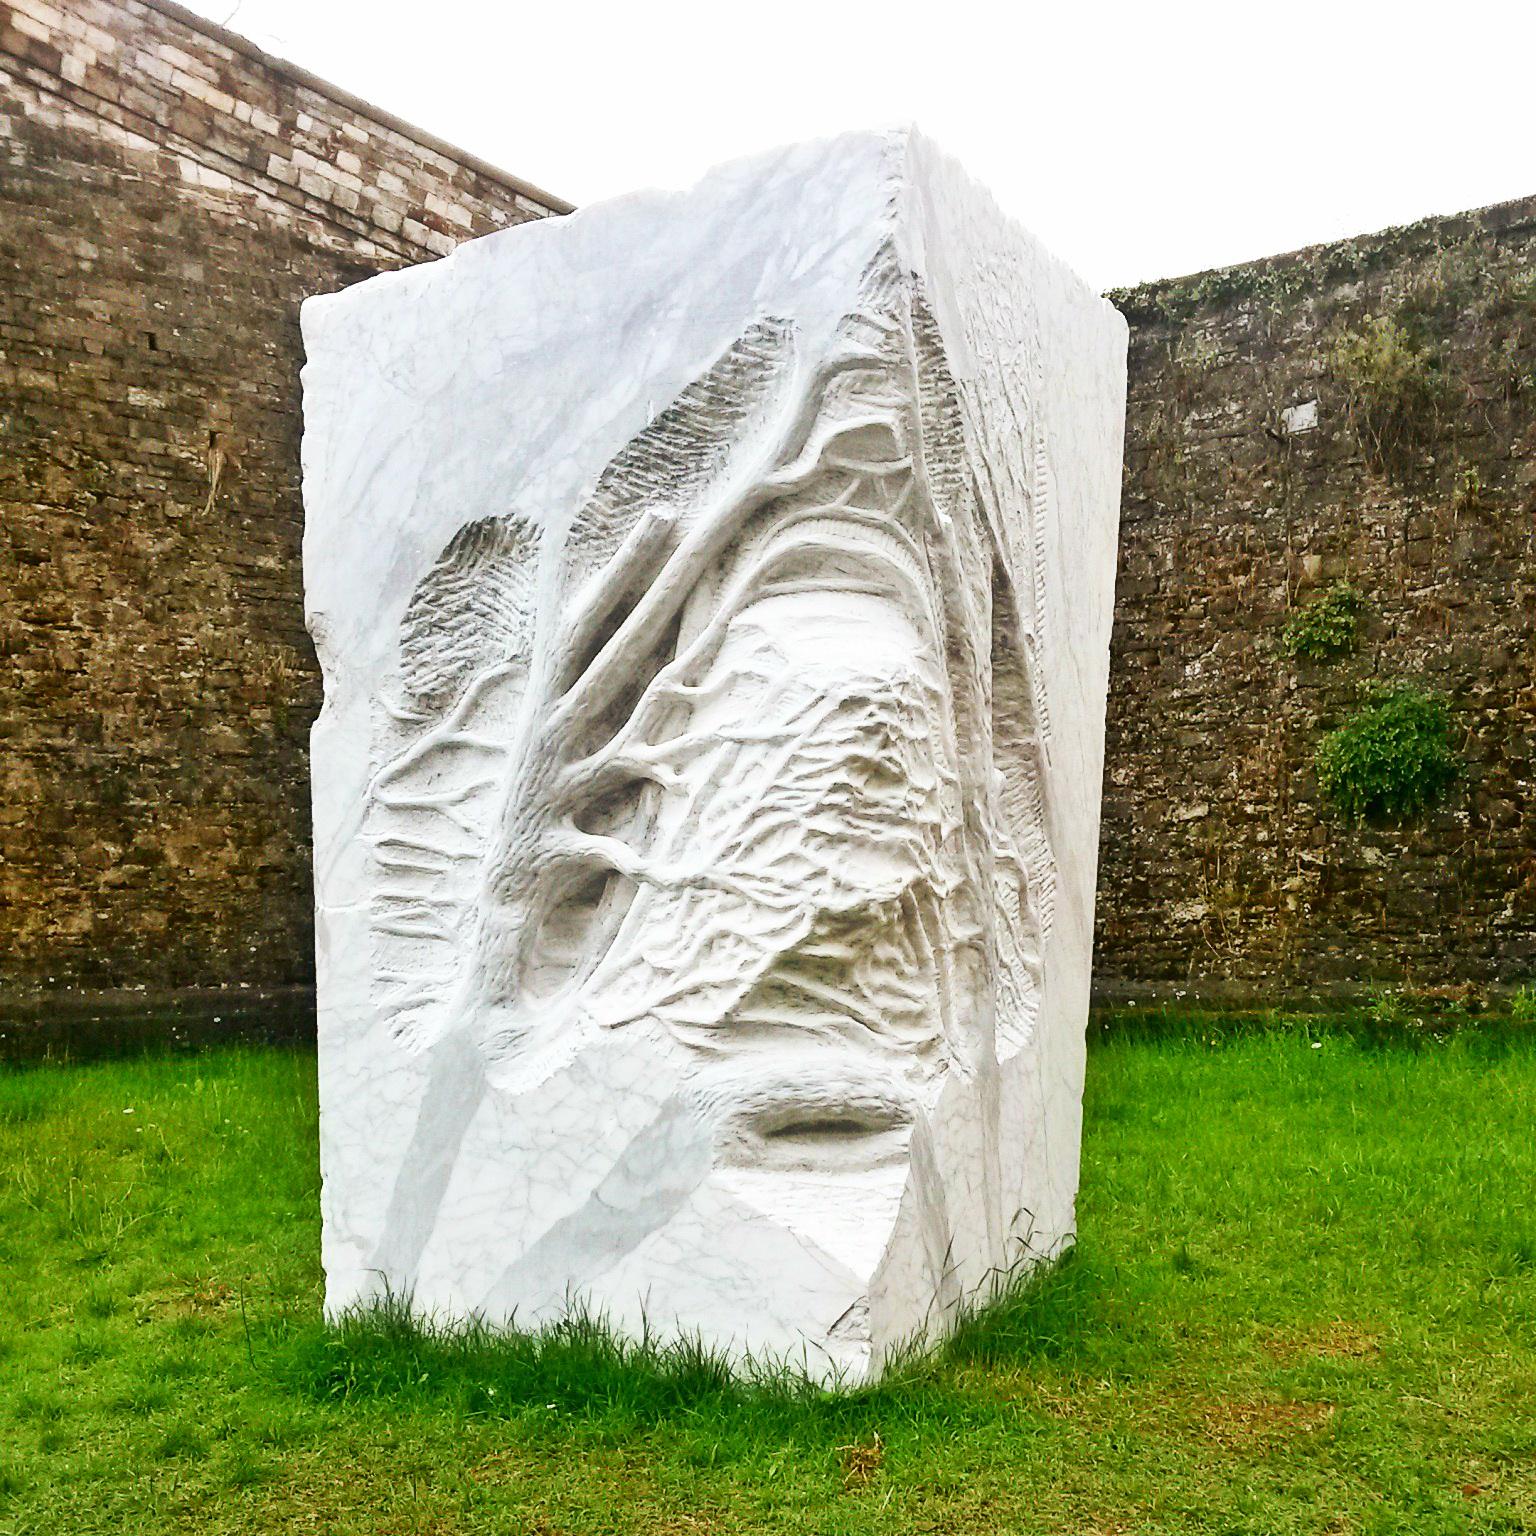 Pietre di rapolano marmo scultura giuseppe penone prospettiva vegetale forte belvedere